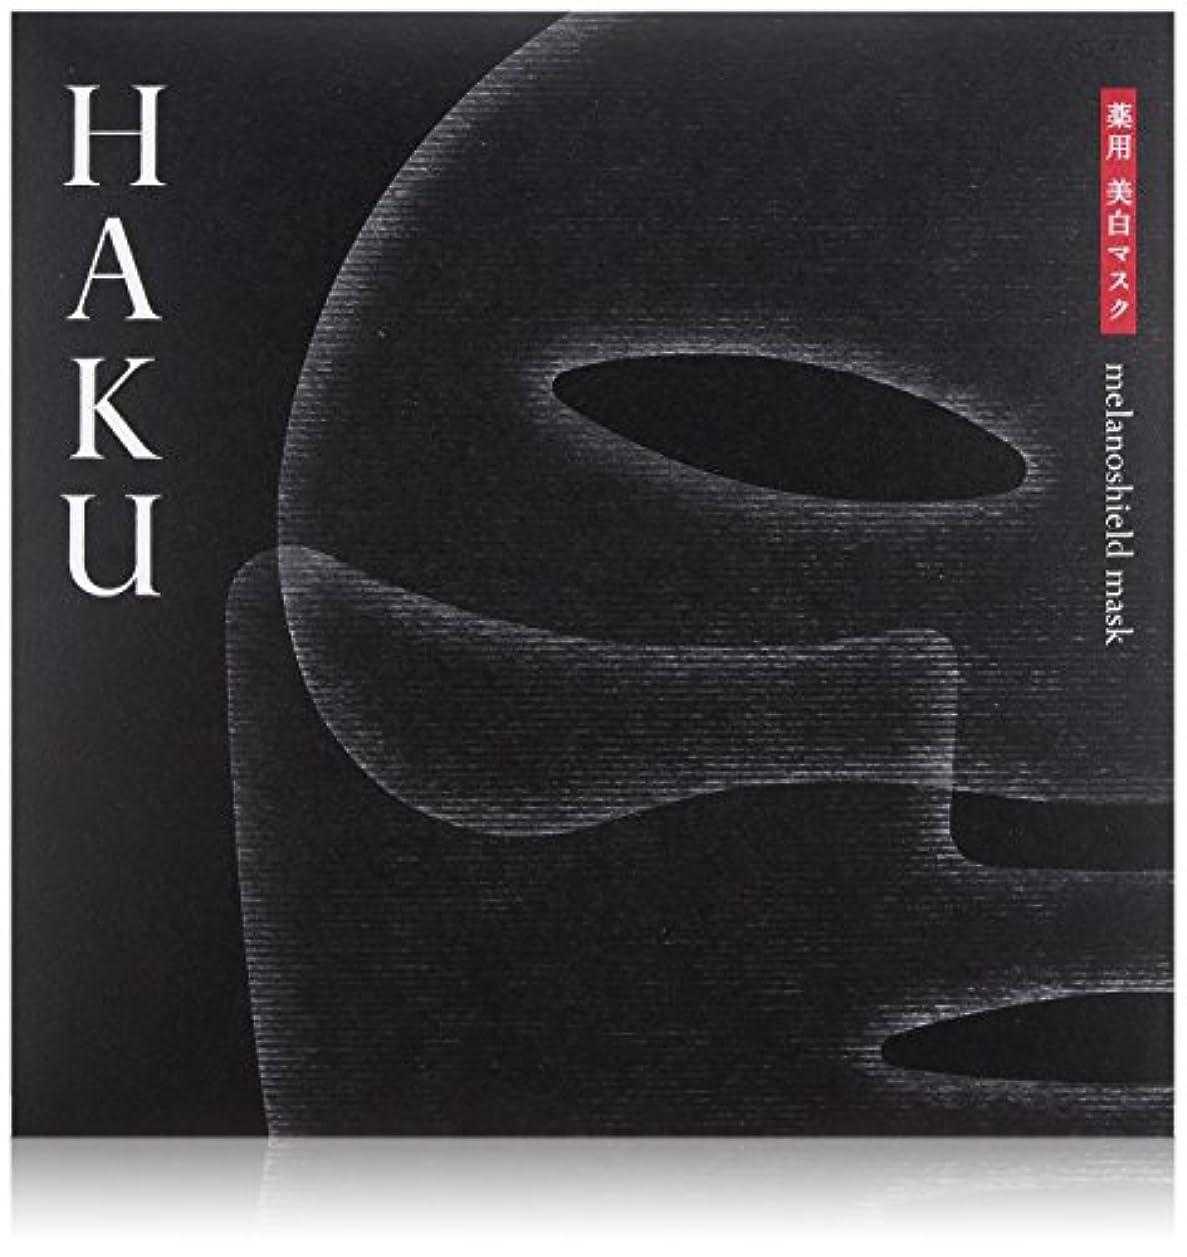 減るすずめ逆説HAKU メラノシールド マスク 30mL 1袋 (上用?下用各1枚入) 薬用美白マスク 【医薬部外品】